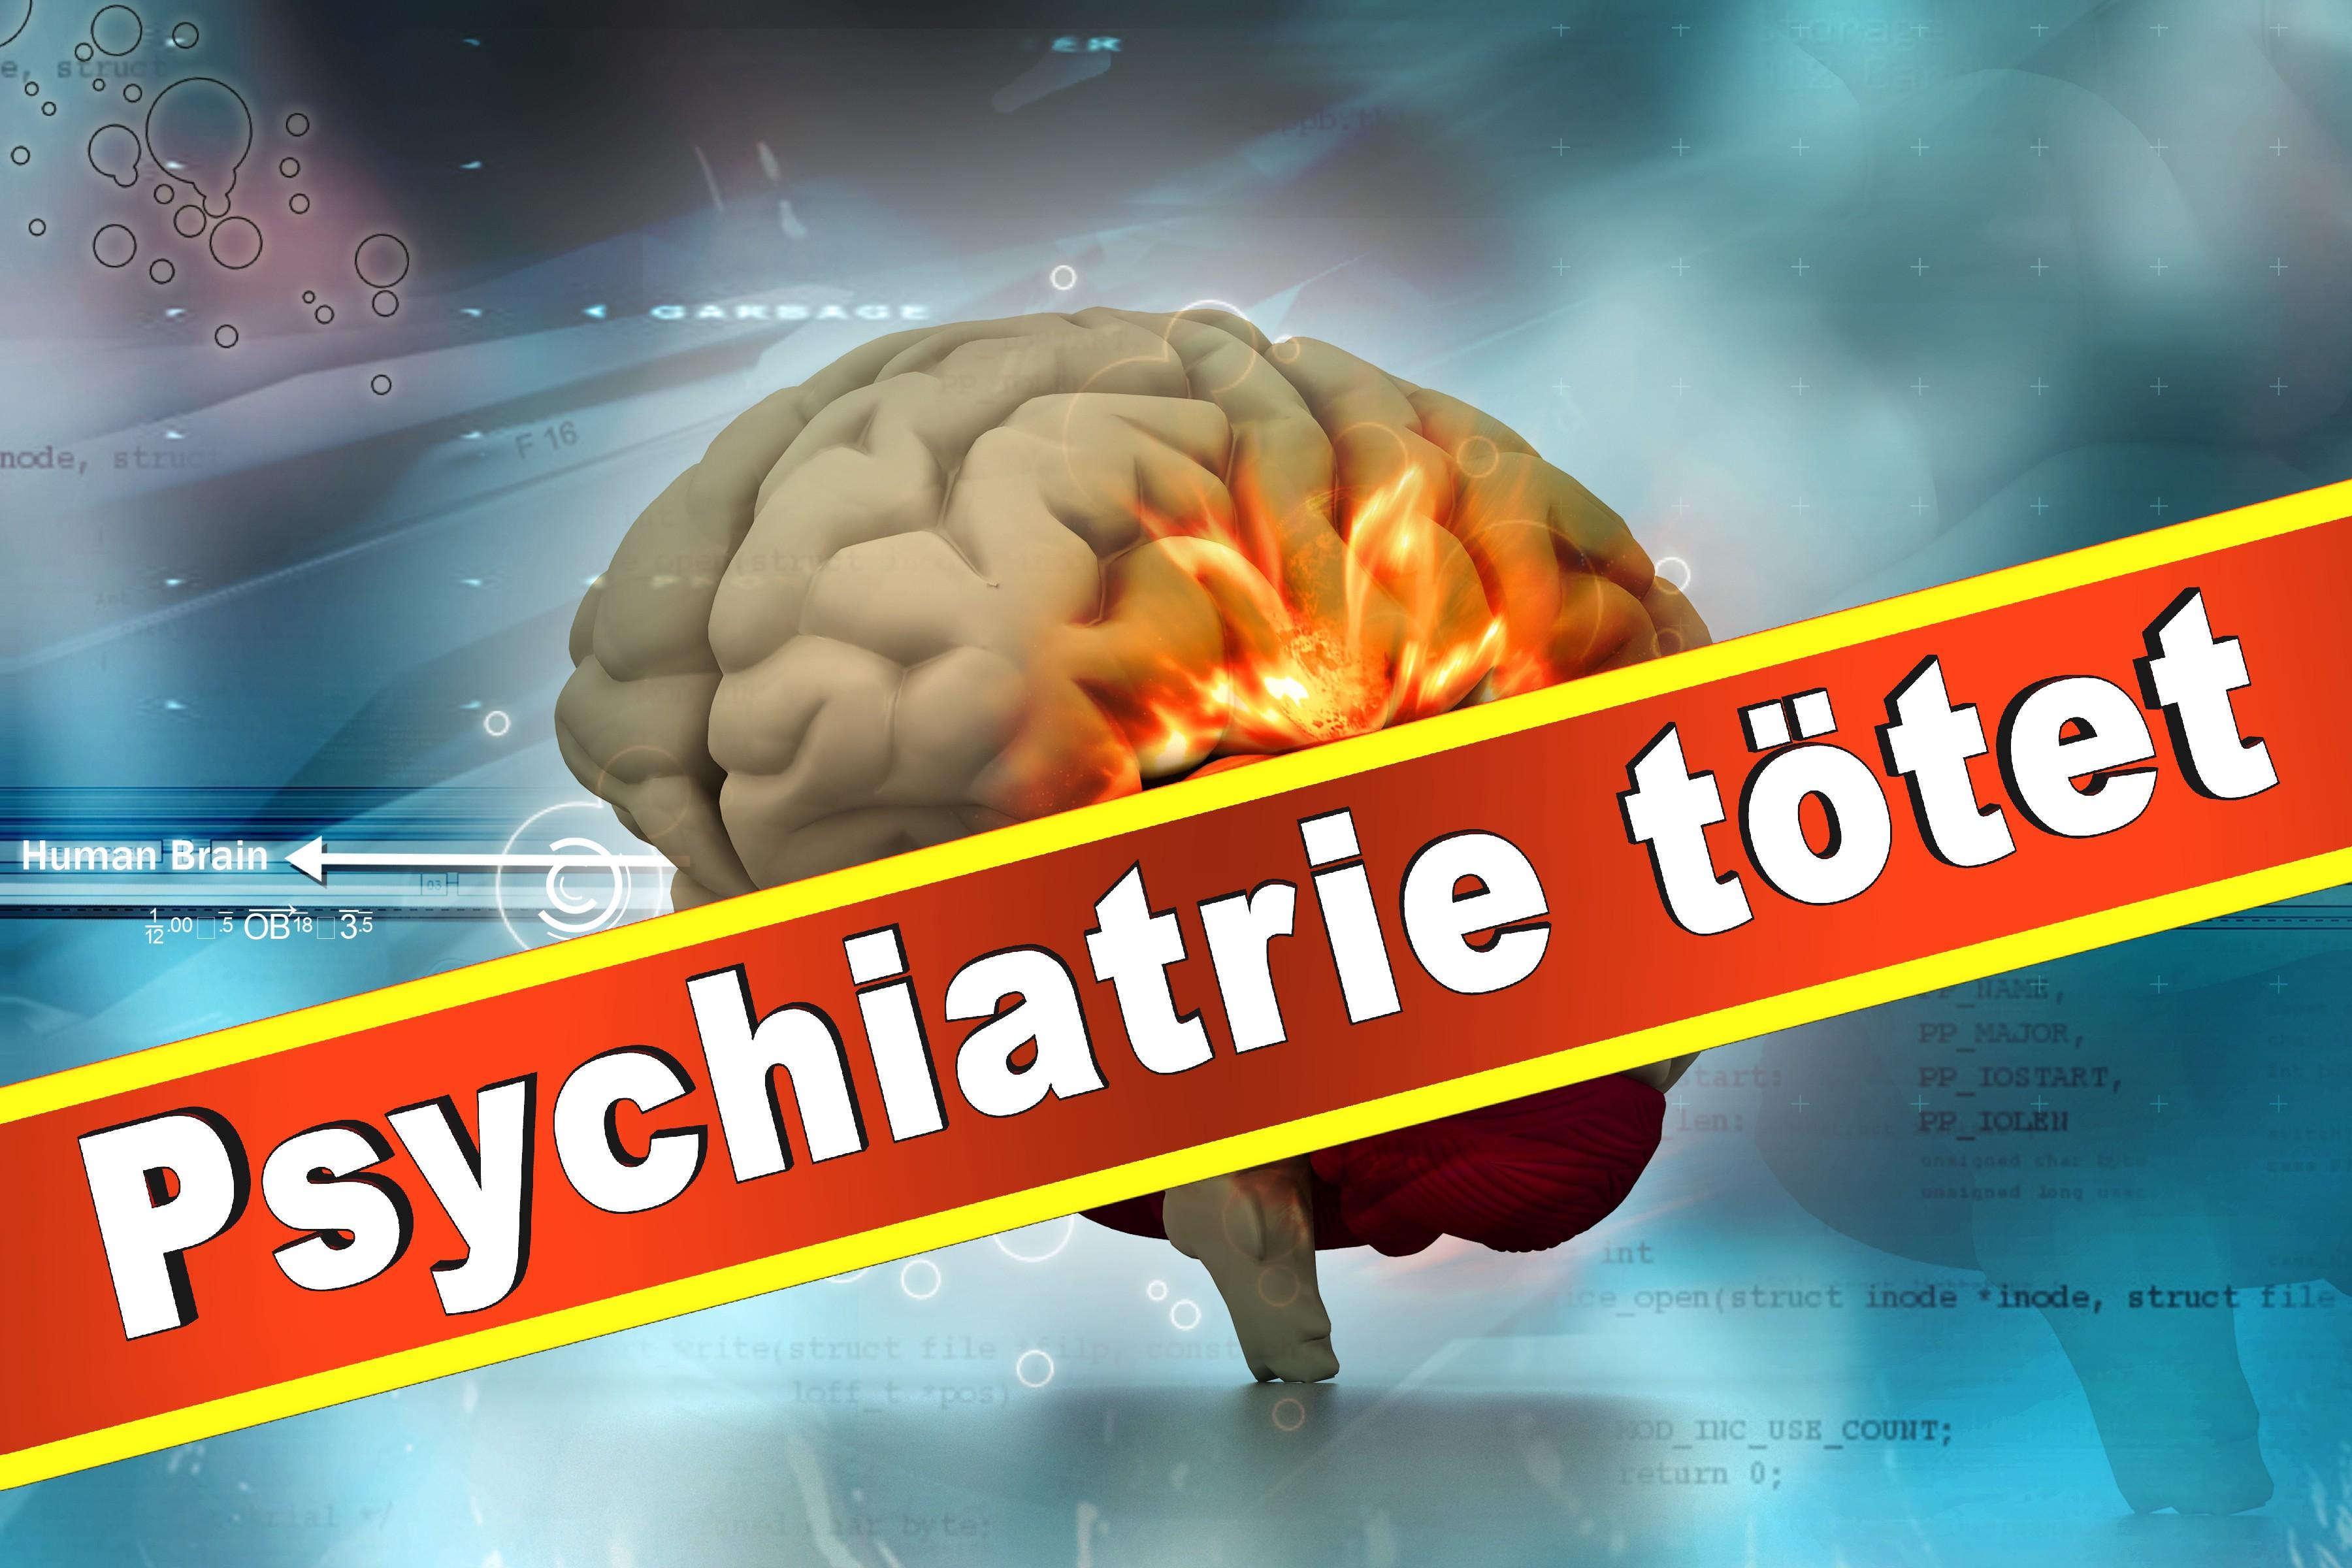 Wielant Machleidt Psychiater Psychotherapeut Professor Praxis Der Interkulturellen Psychiatrie Und Psychotherapie Medizinische Hochschule Hannover Klinik Für Psychiatrie Sozialpsychiatrie (14)